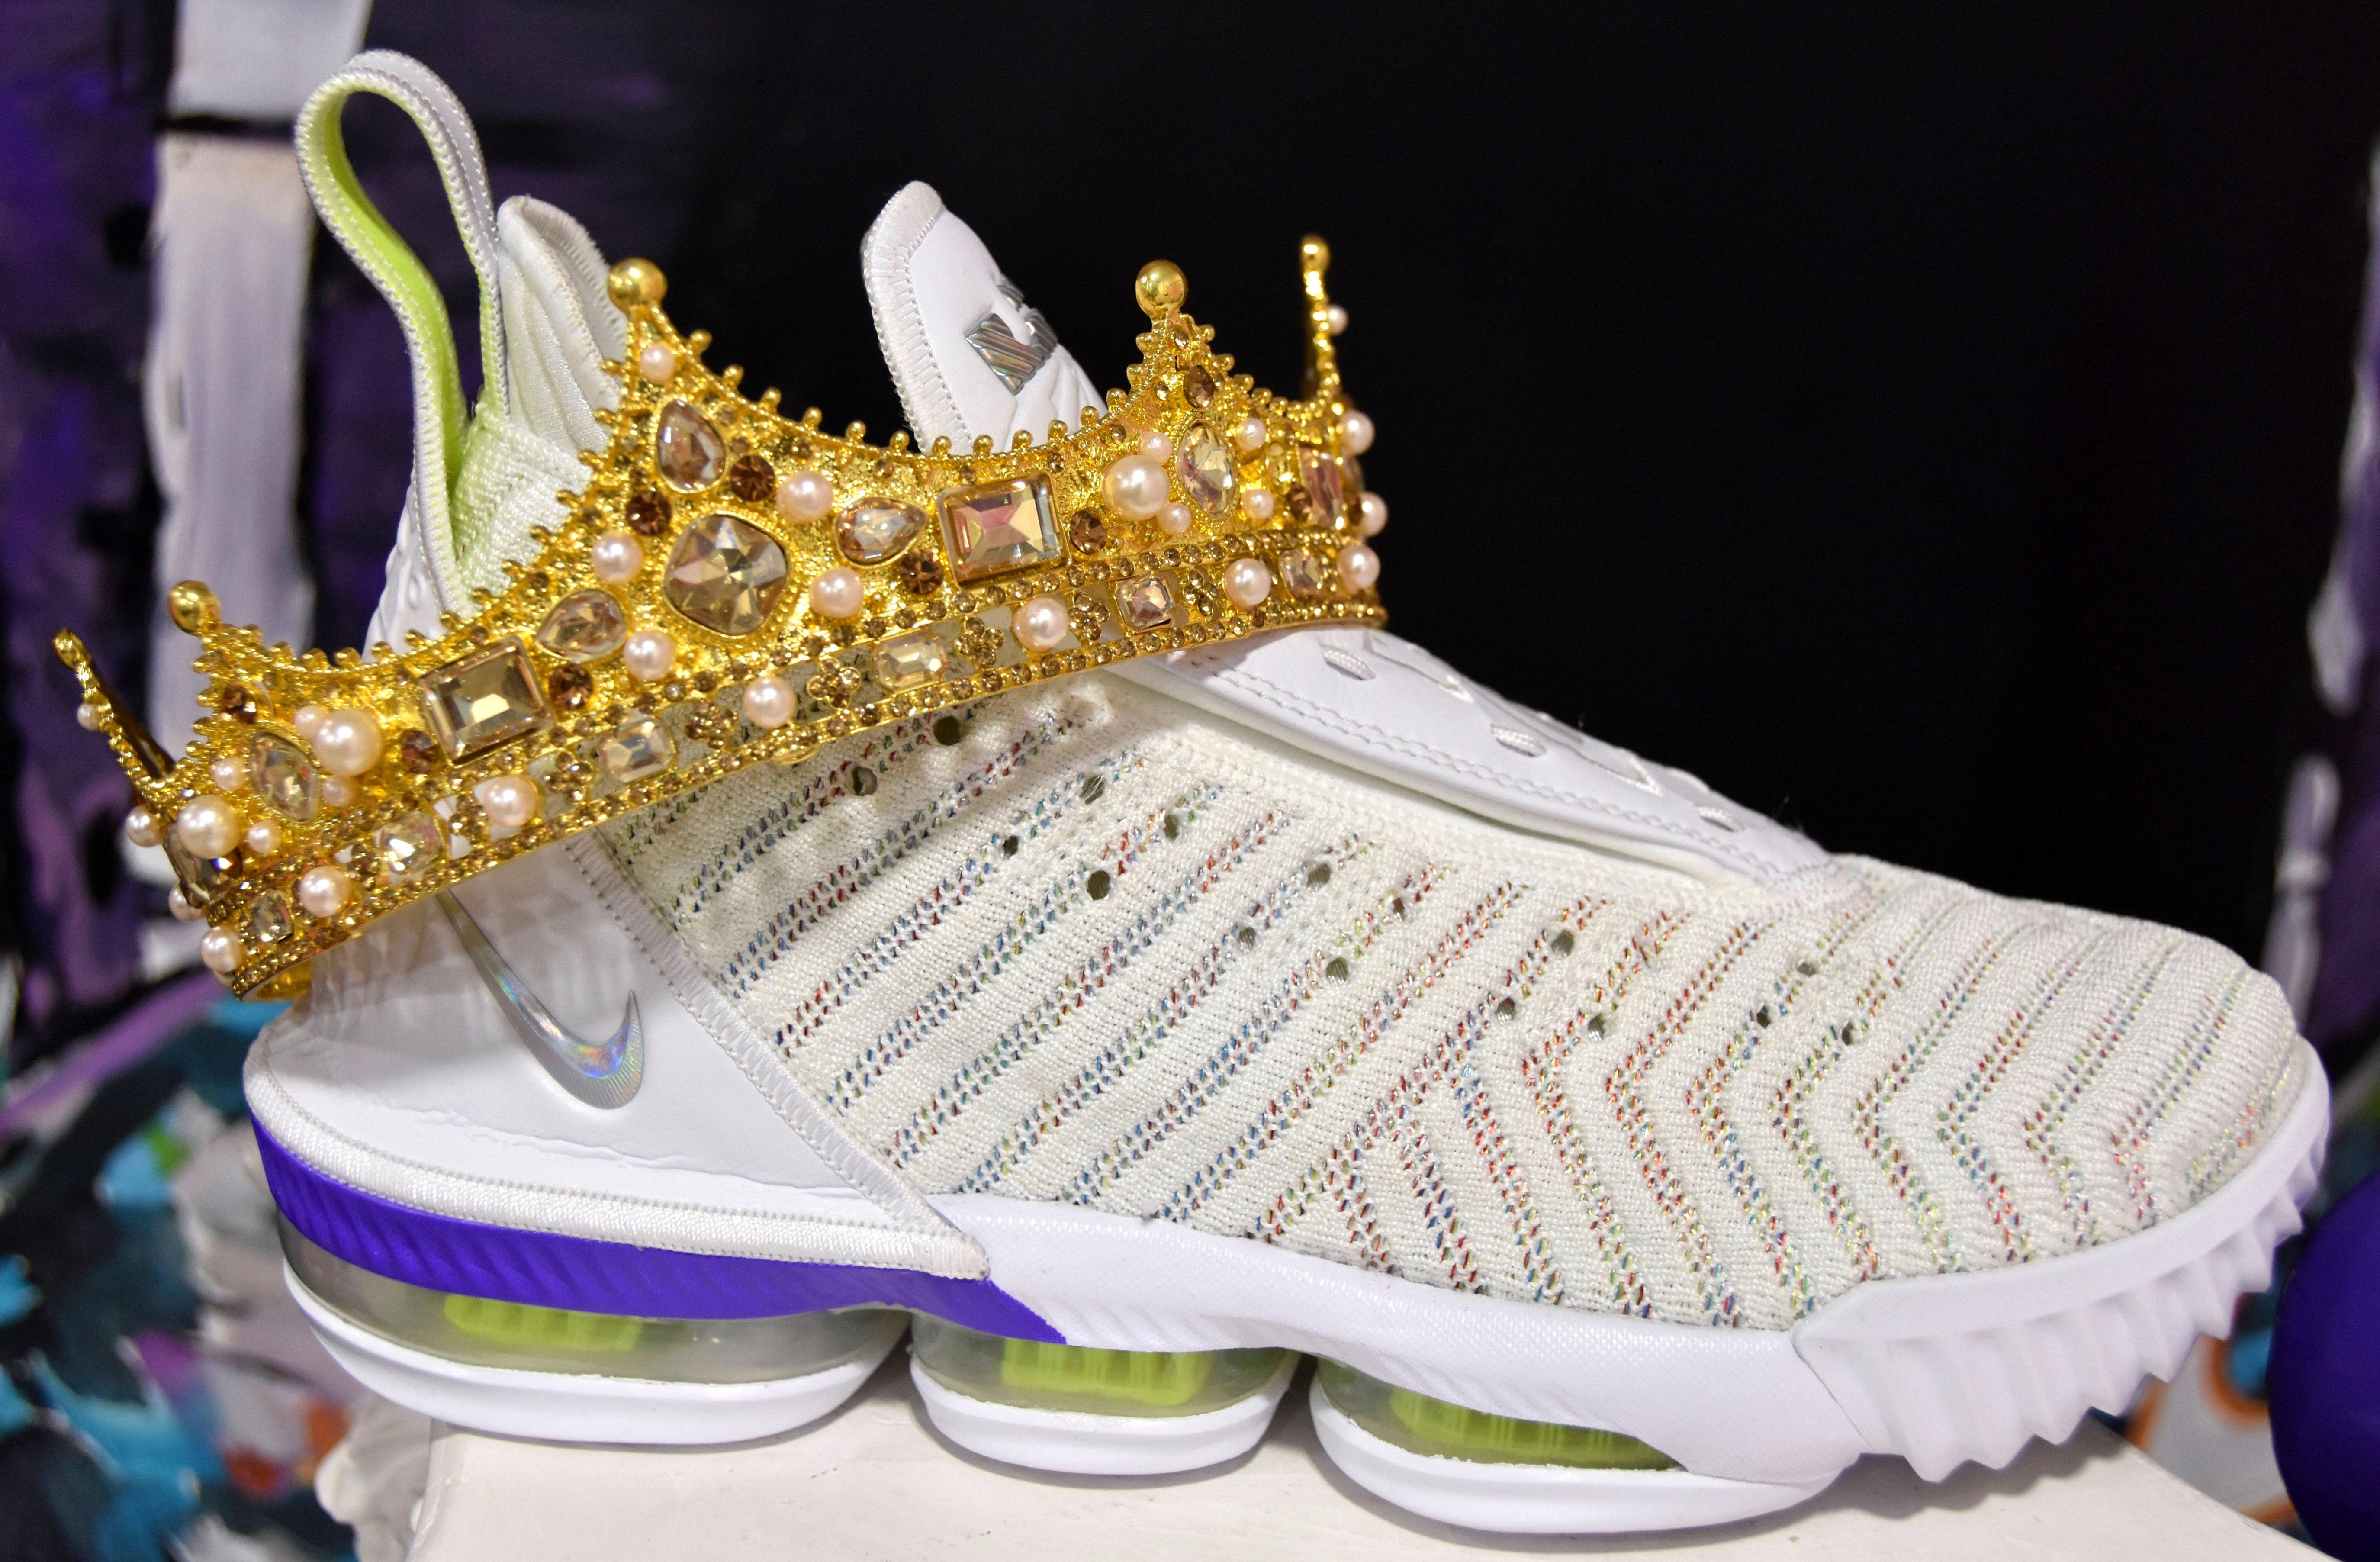 Una de las zapatillas de deporte procedentes de colecciones privadas exhibidas en Sneakertopia.